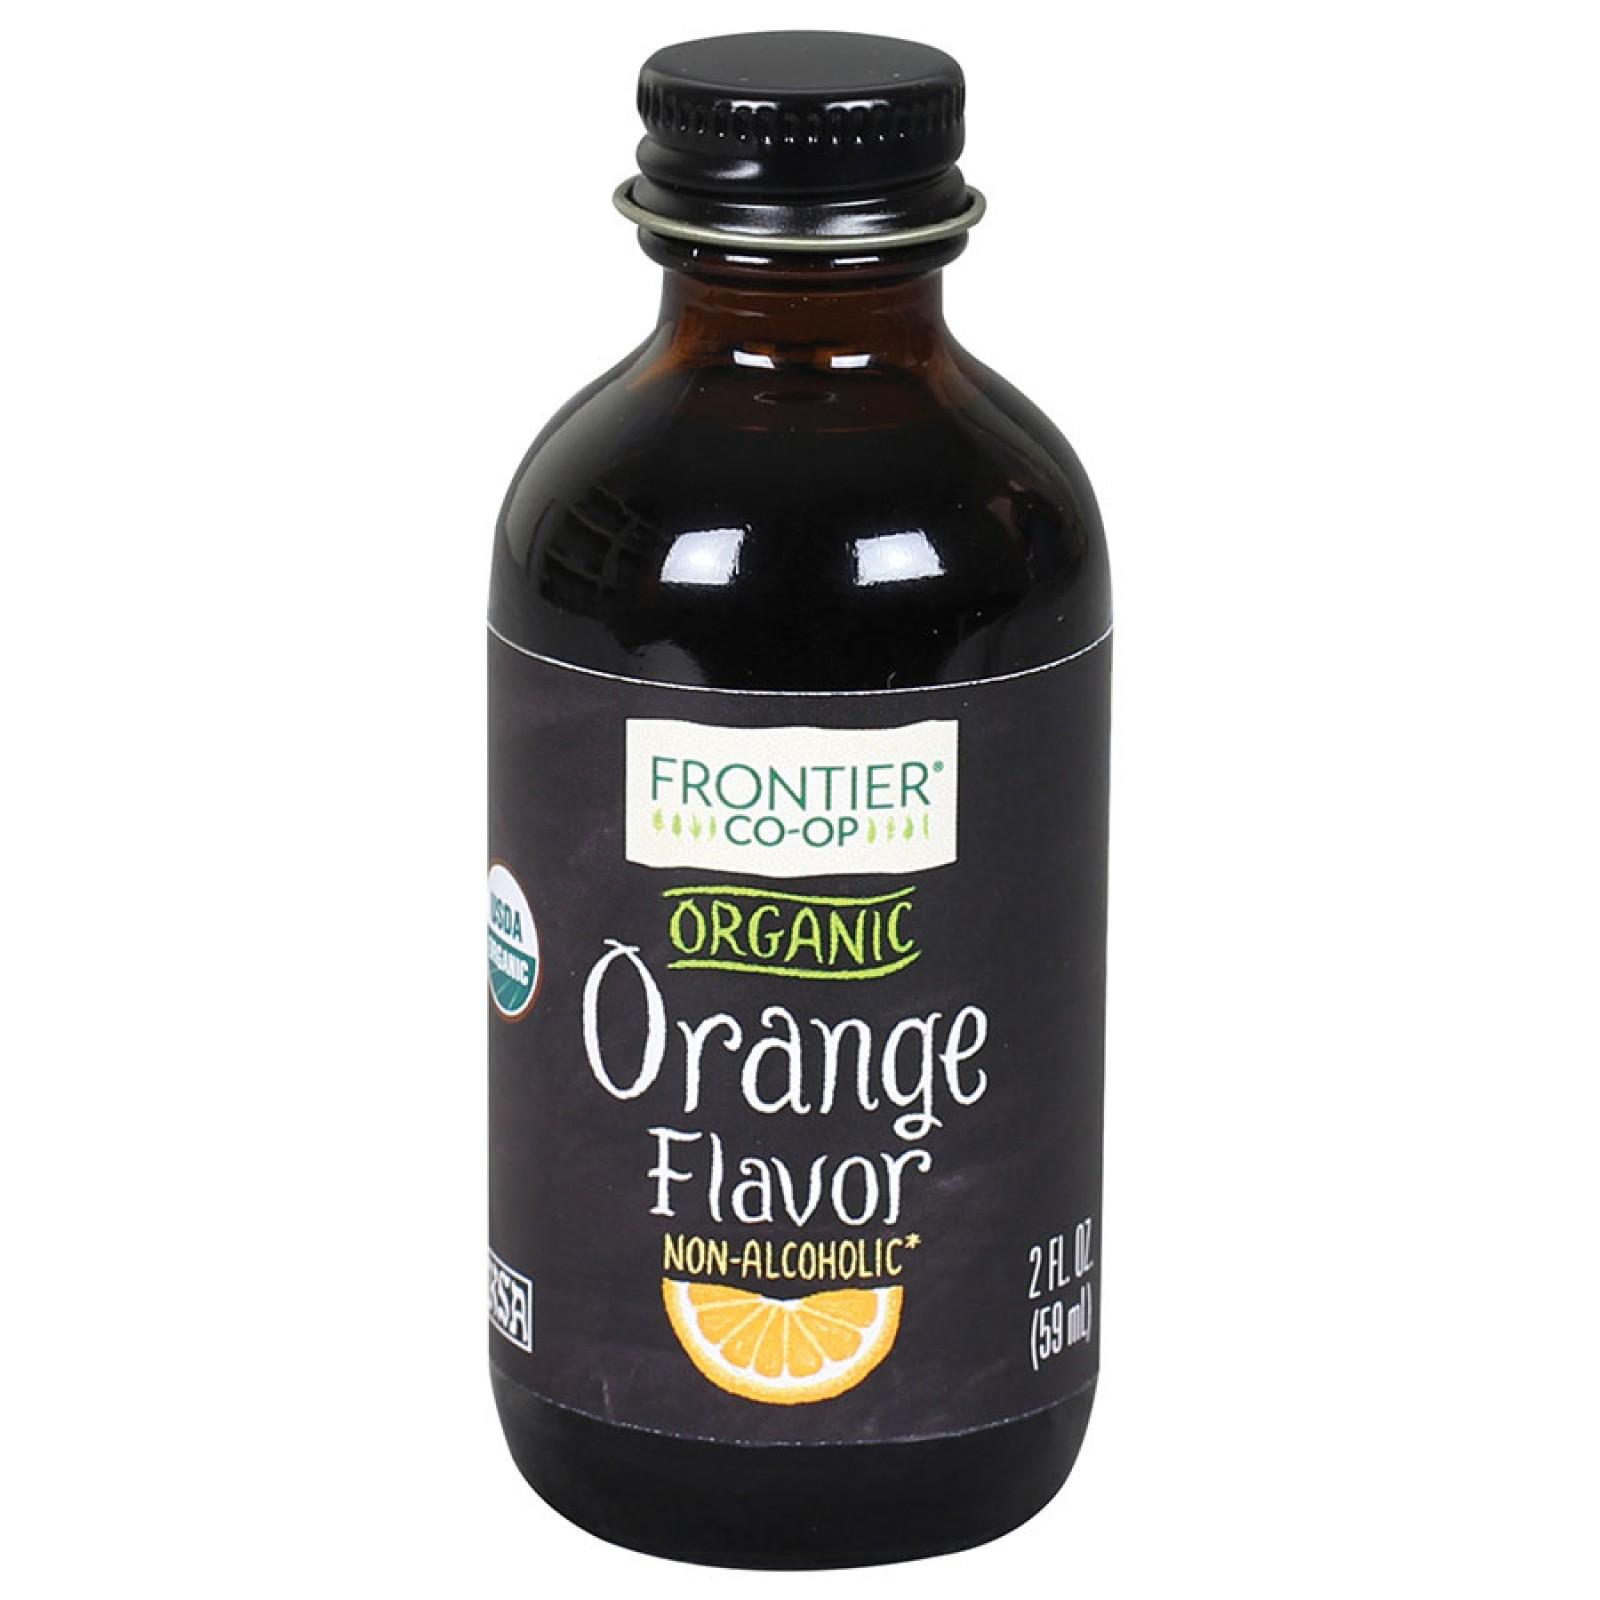 Frontier Herb Organic Orange Flavor A/F (1x2 Oz)